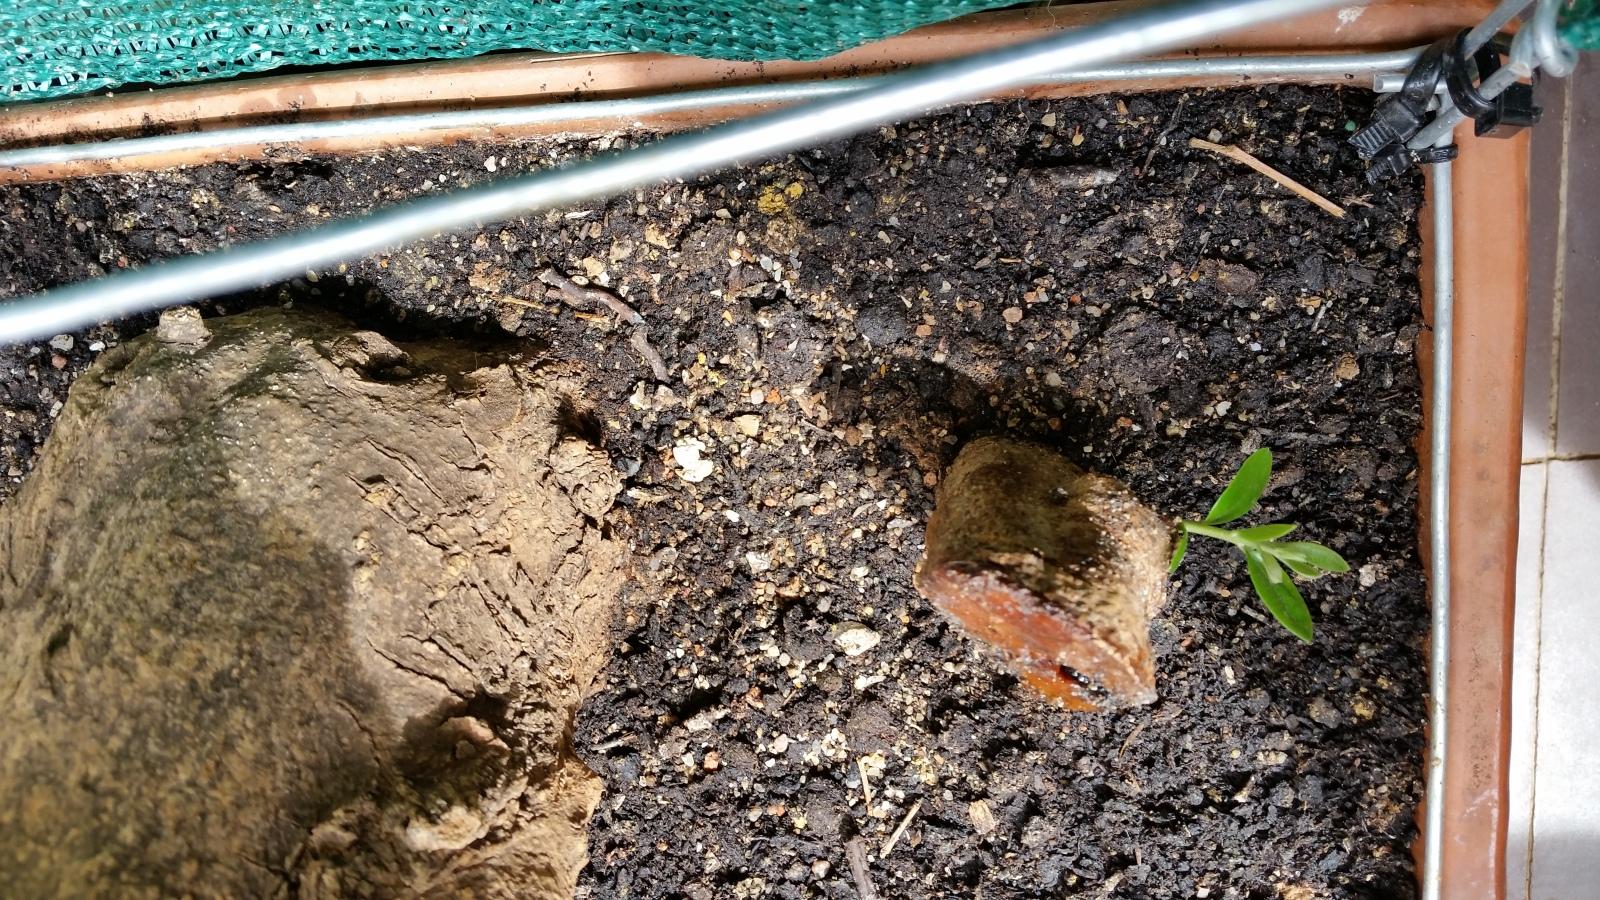 esqueje de tronco de olivo 23hnn5s